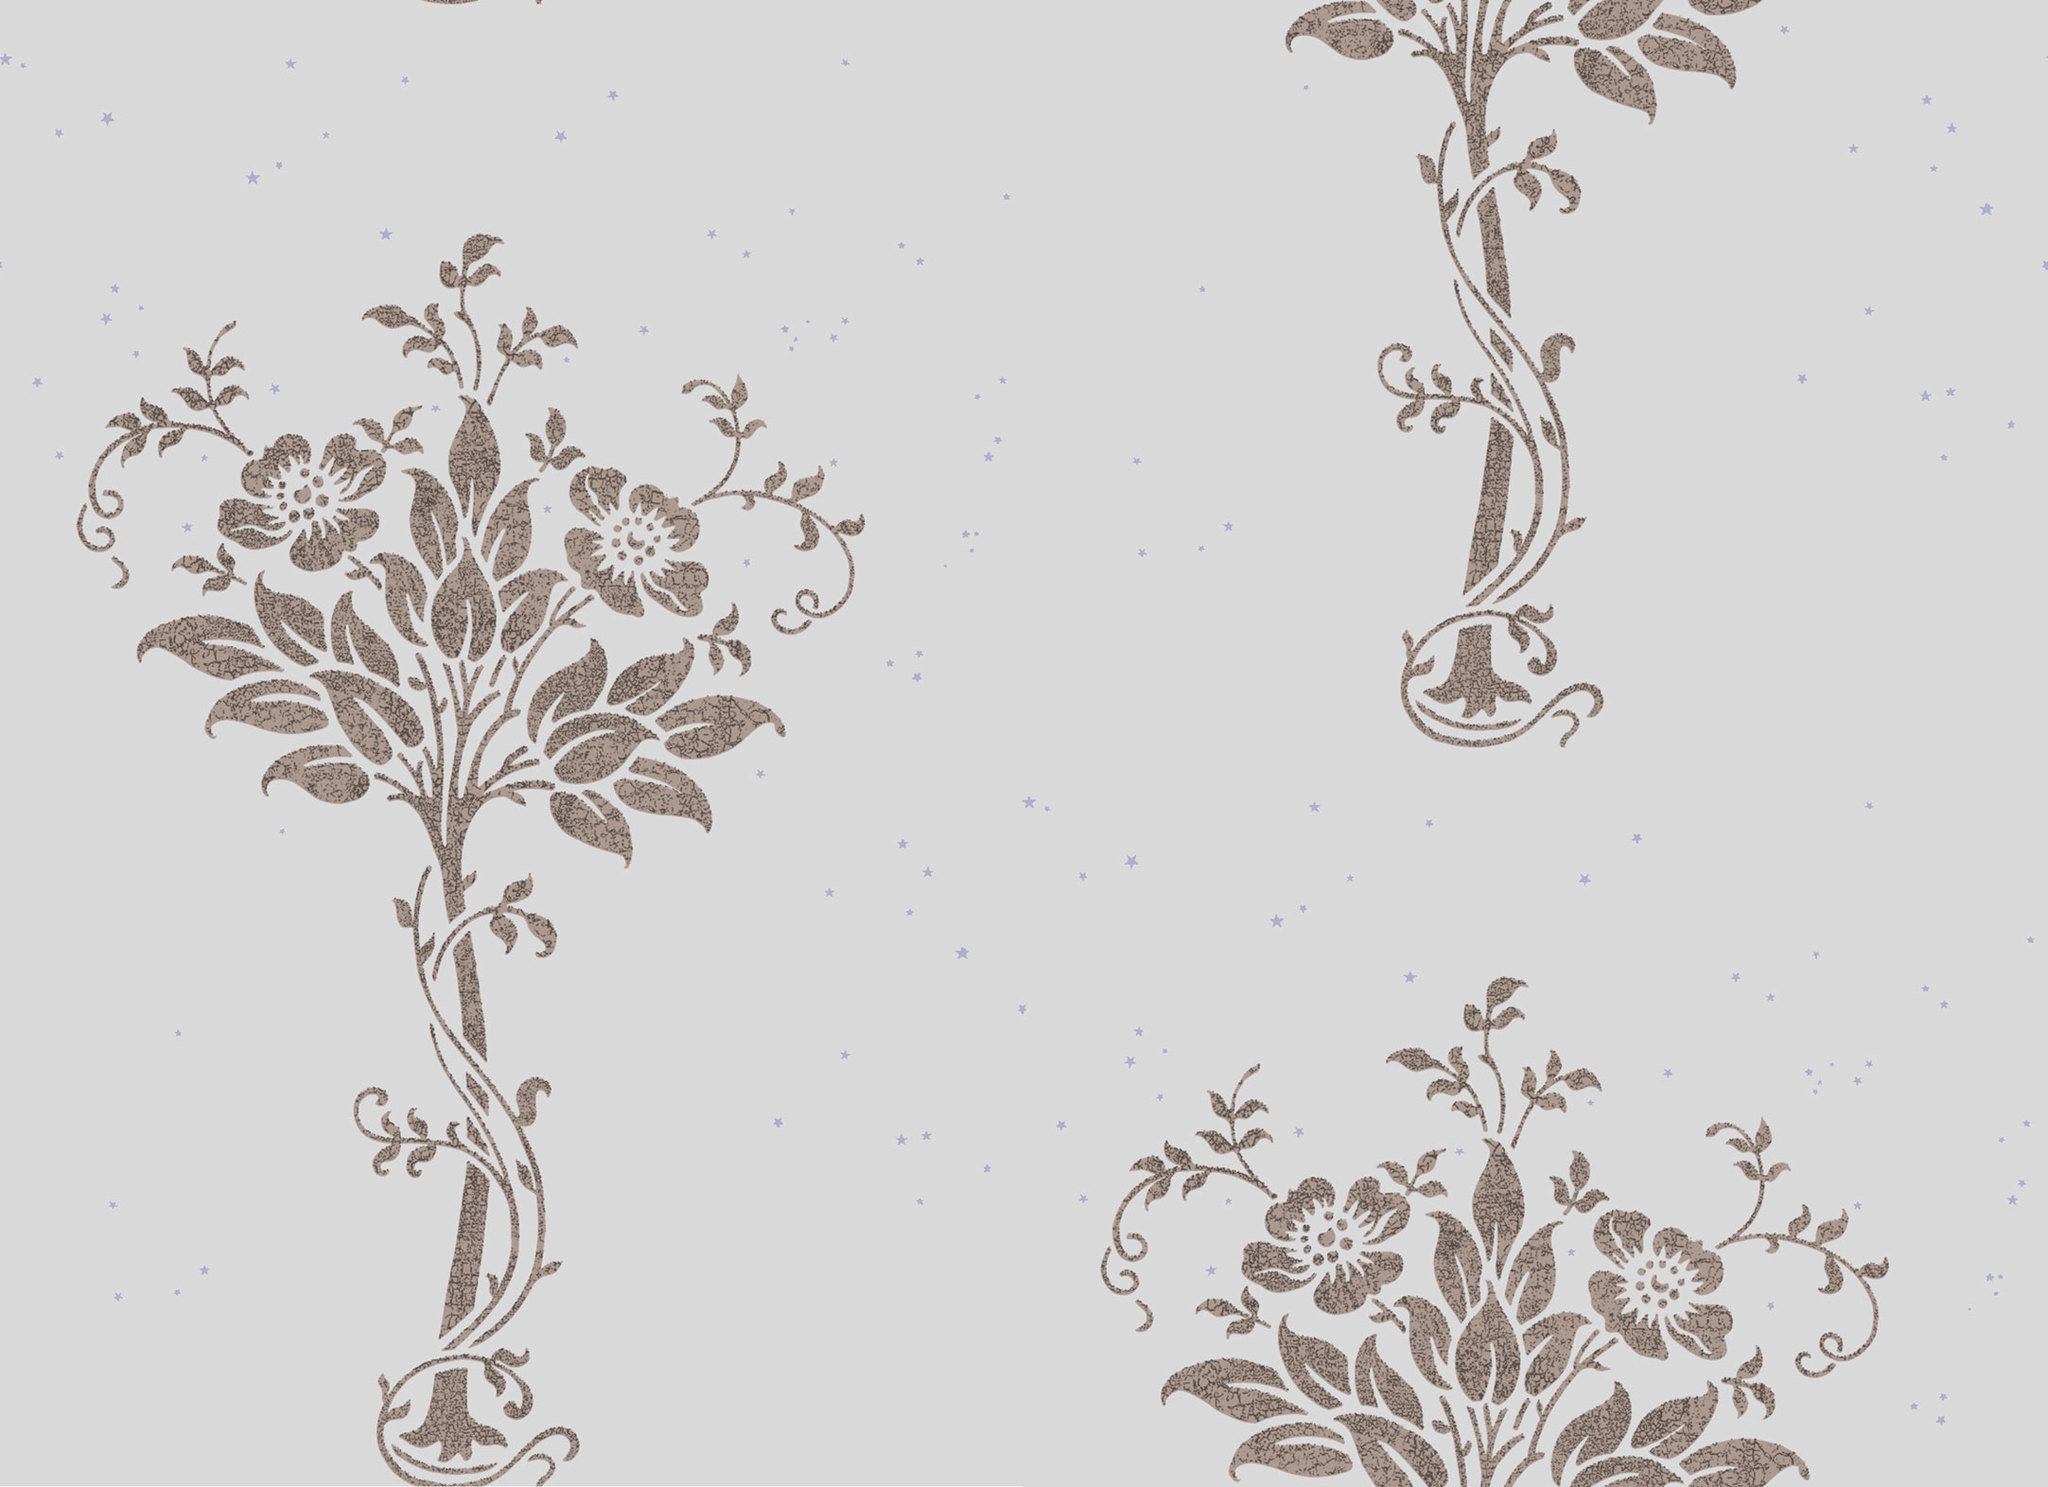 Обои Cole & Son Collection of Flowers 81/7029, интернет магазин Волео